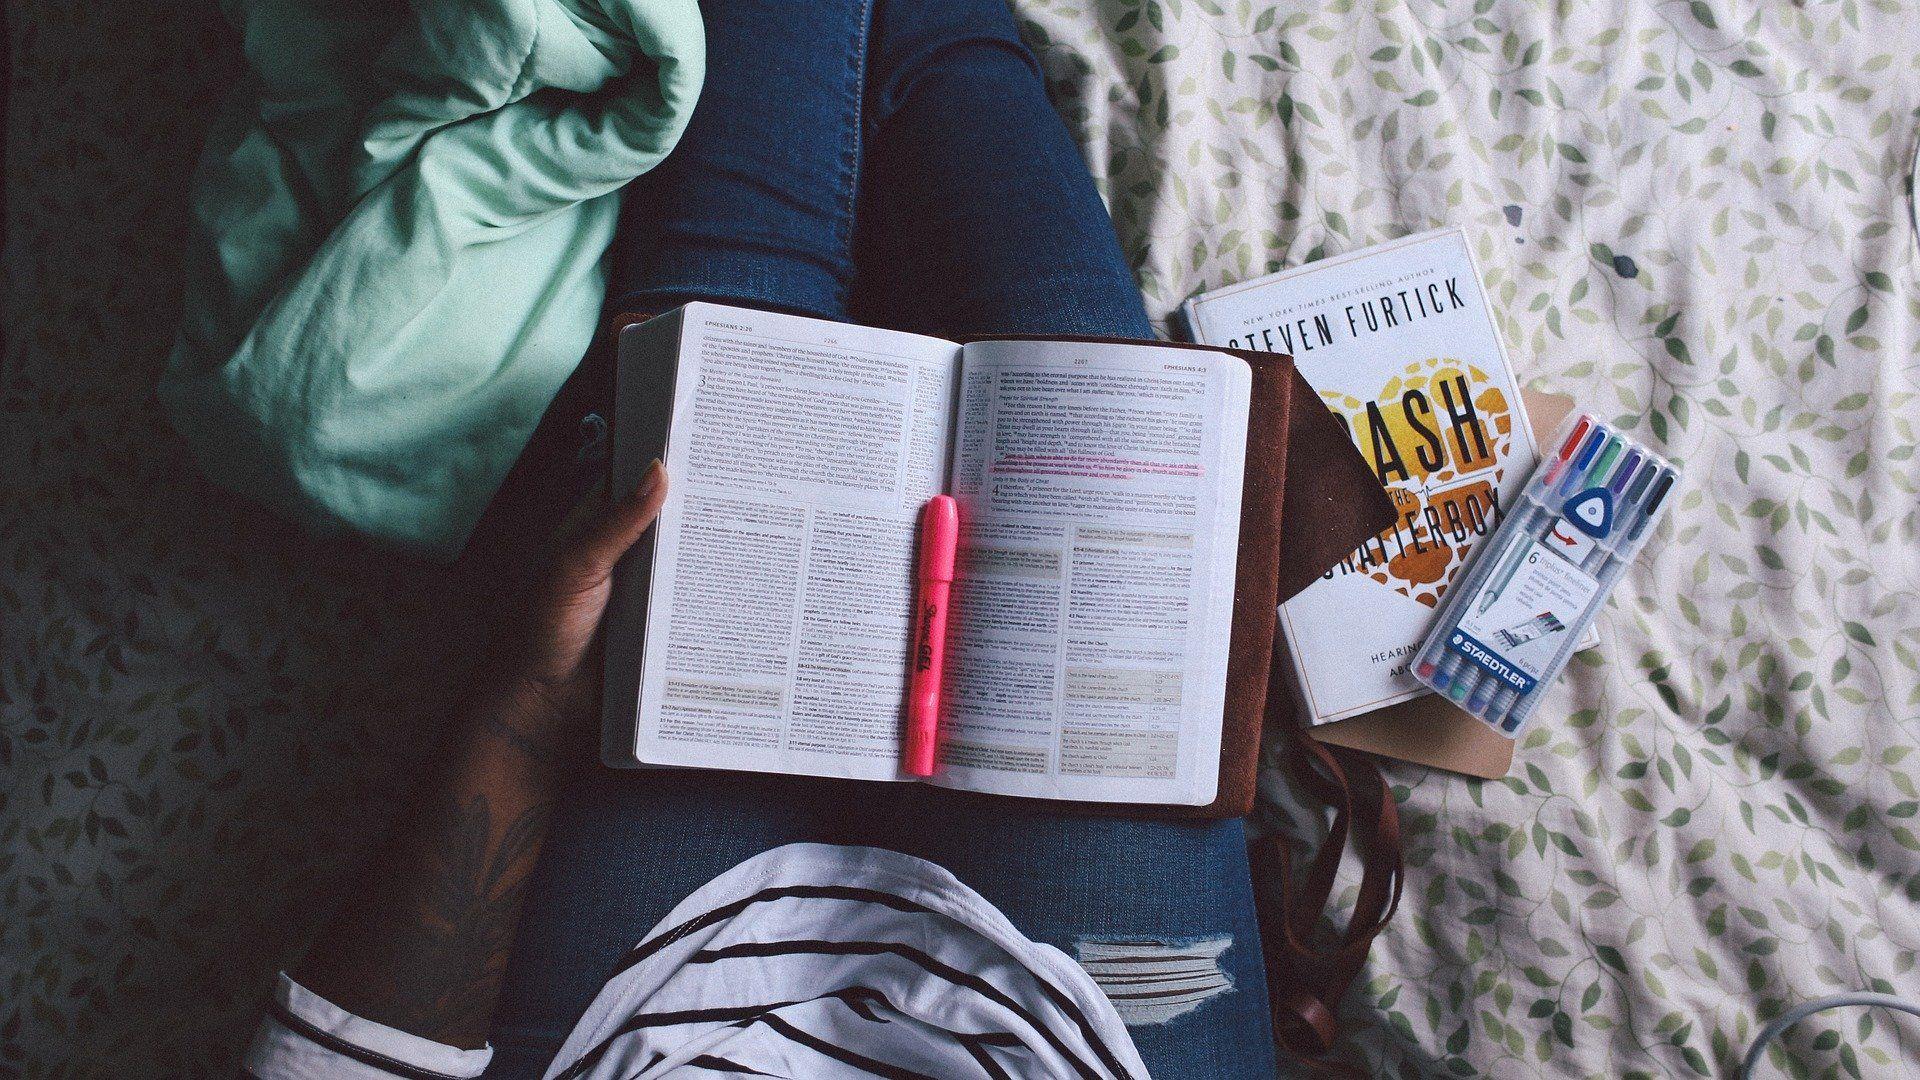 Eine Studentin hält ein Buch in ihrem Schoß.